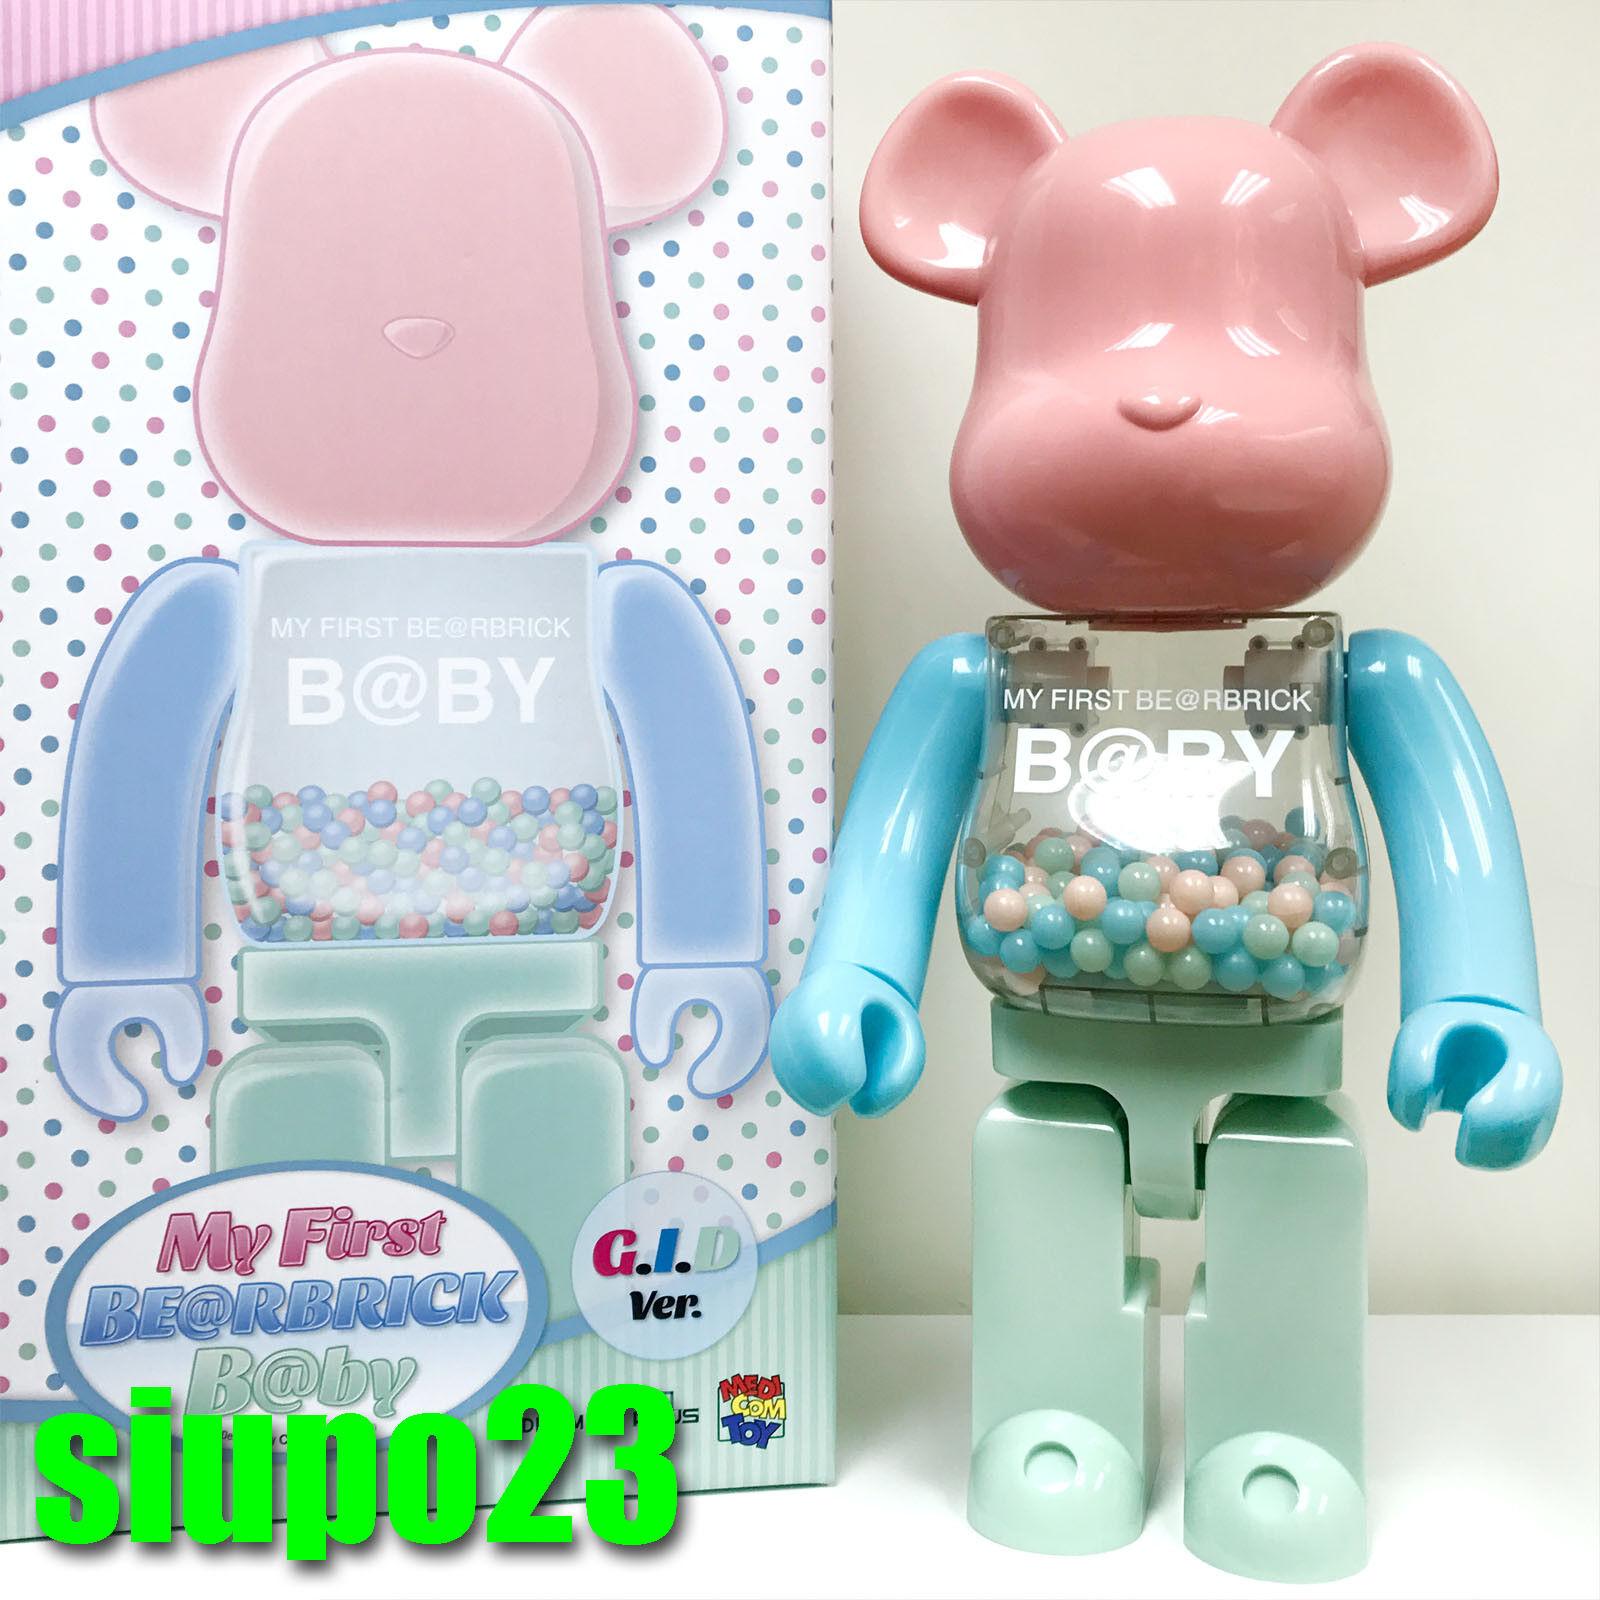 Medicom 1000% Bearbrick  mi primer bebé GID versión versión versión Be@rbrick Medicom Juguete Plus  barato y de alta calidad